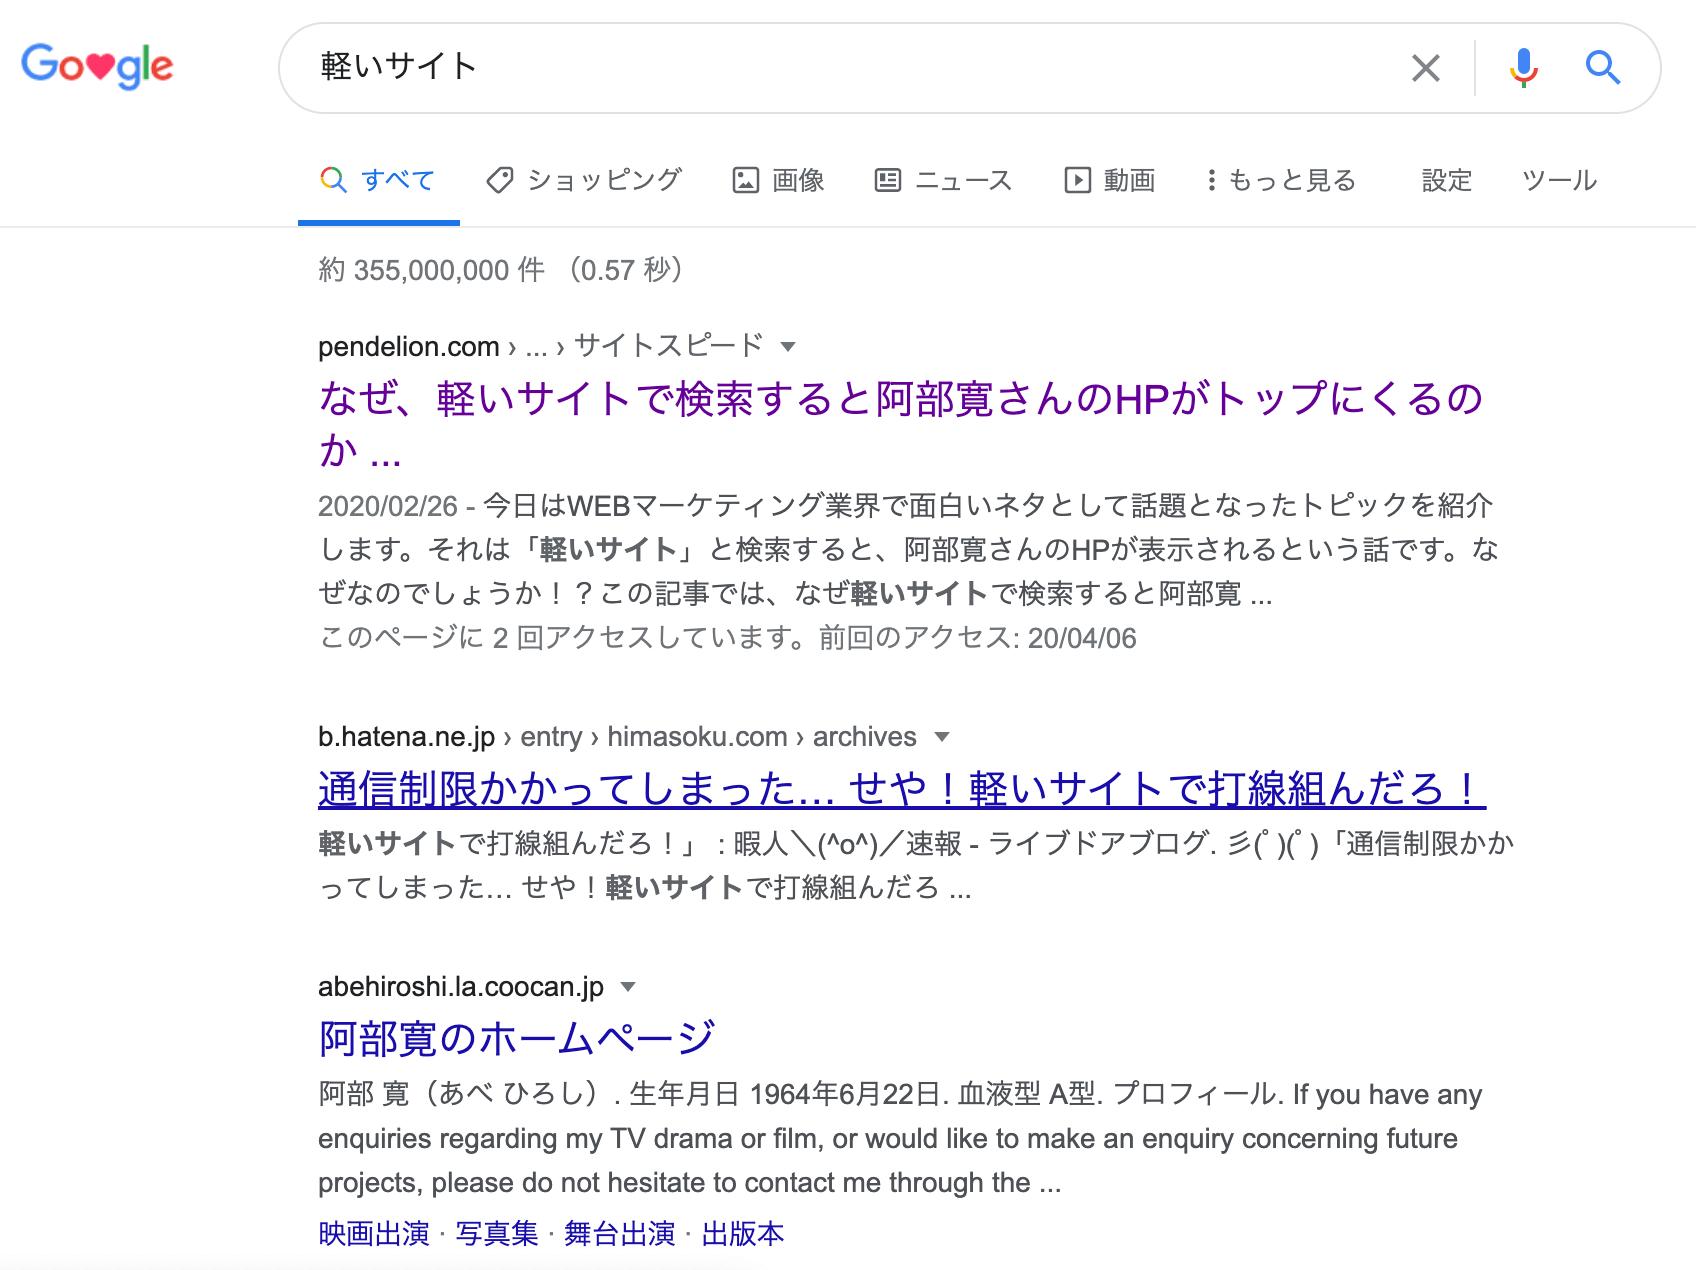 軽いサイトの検索結果